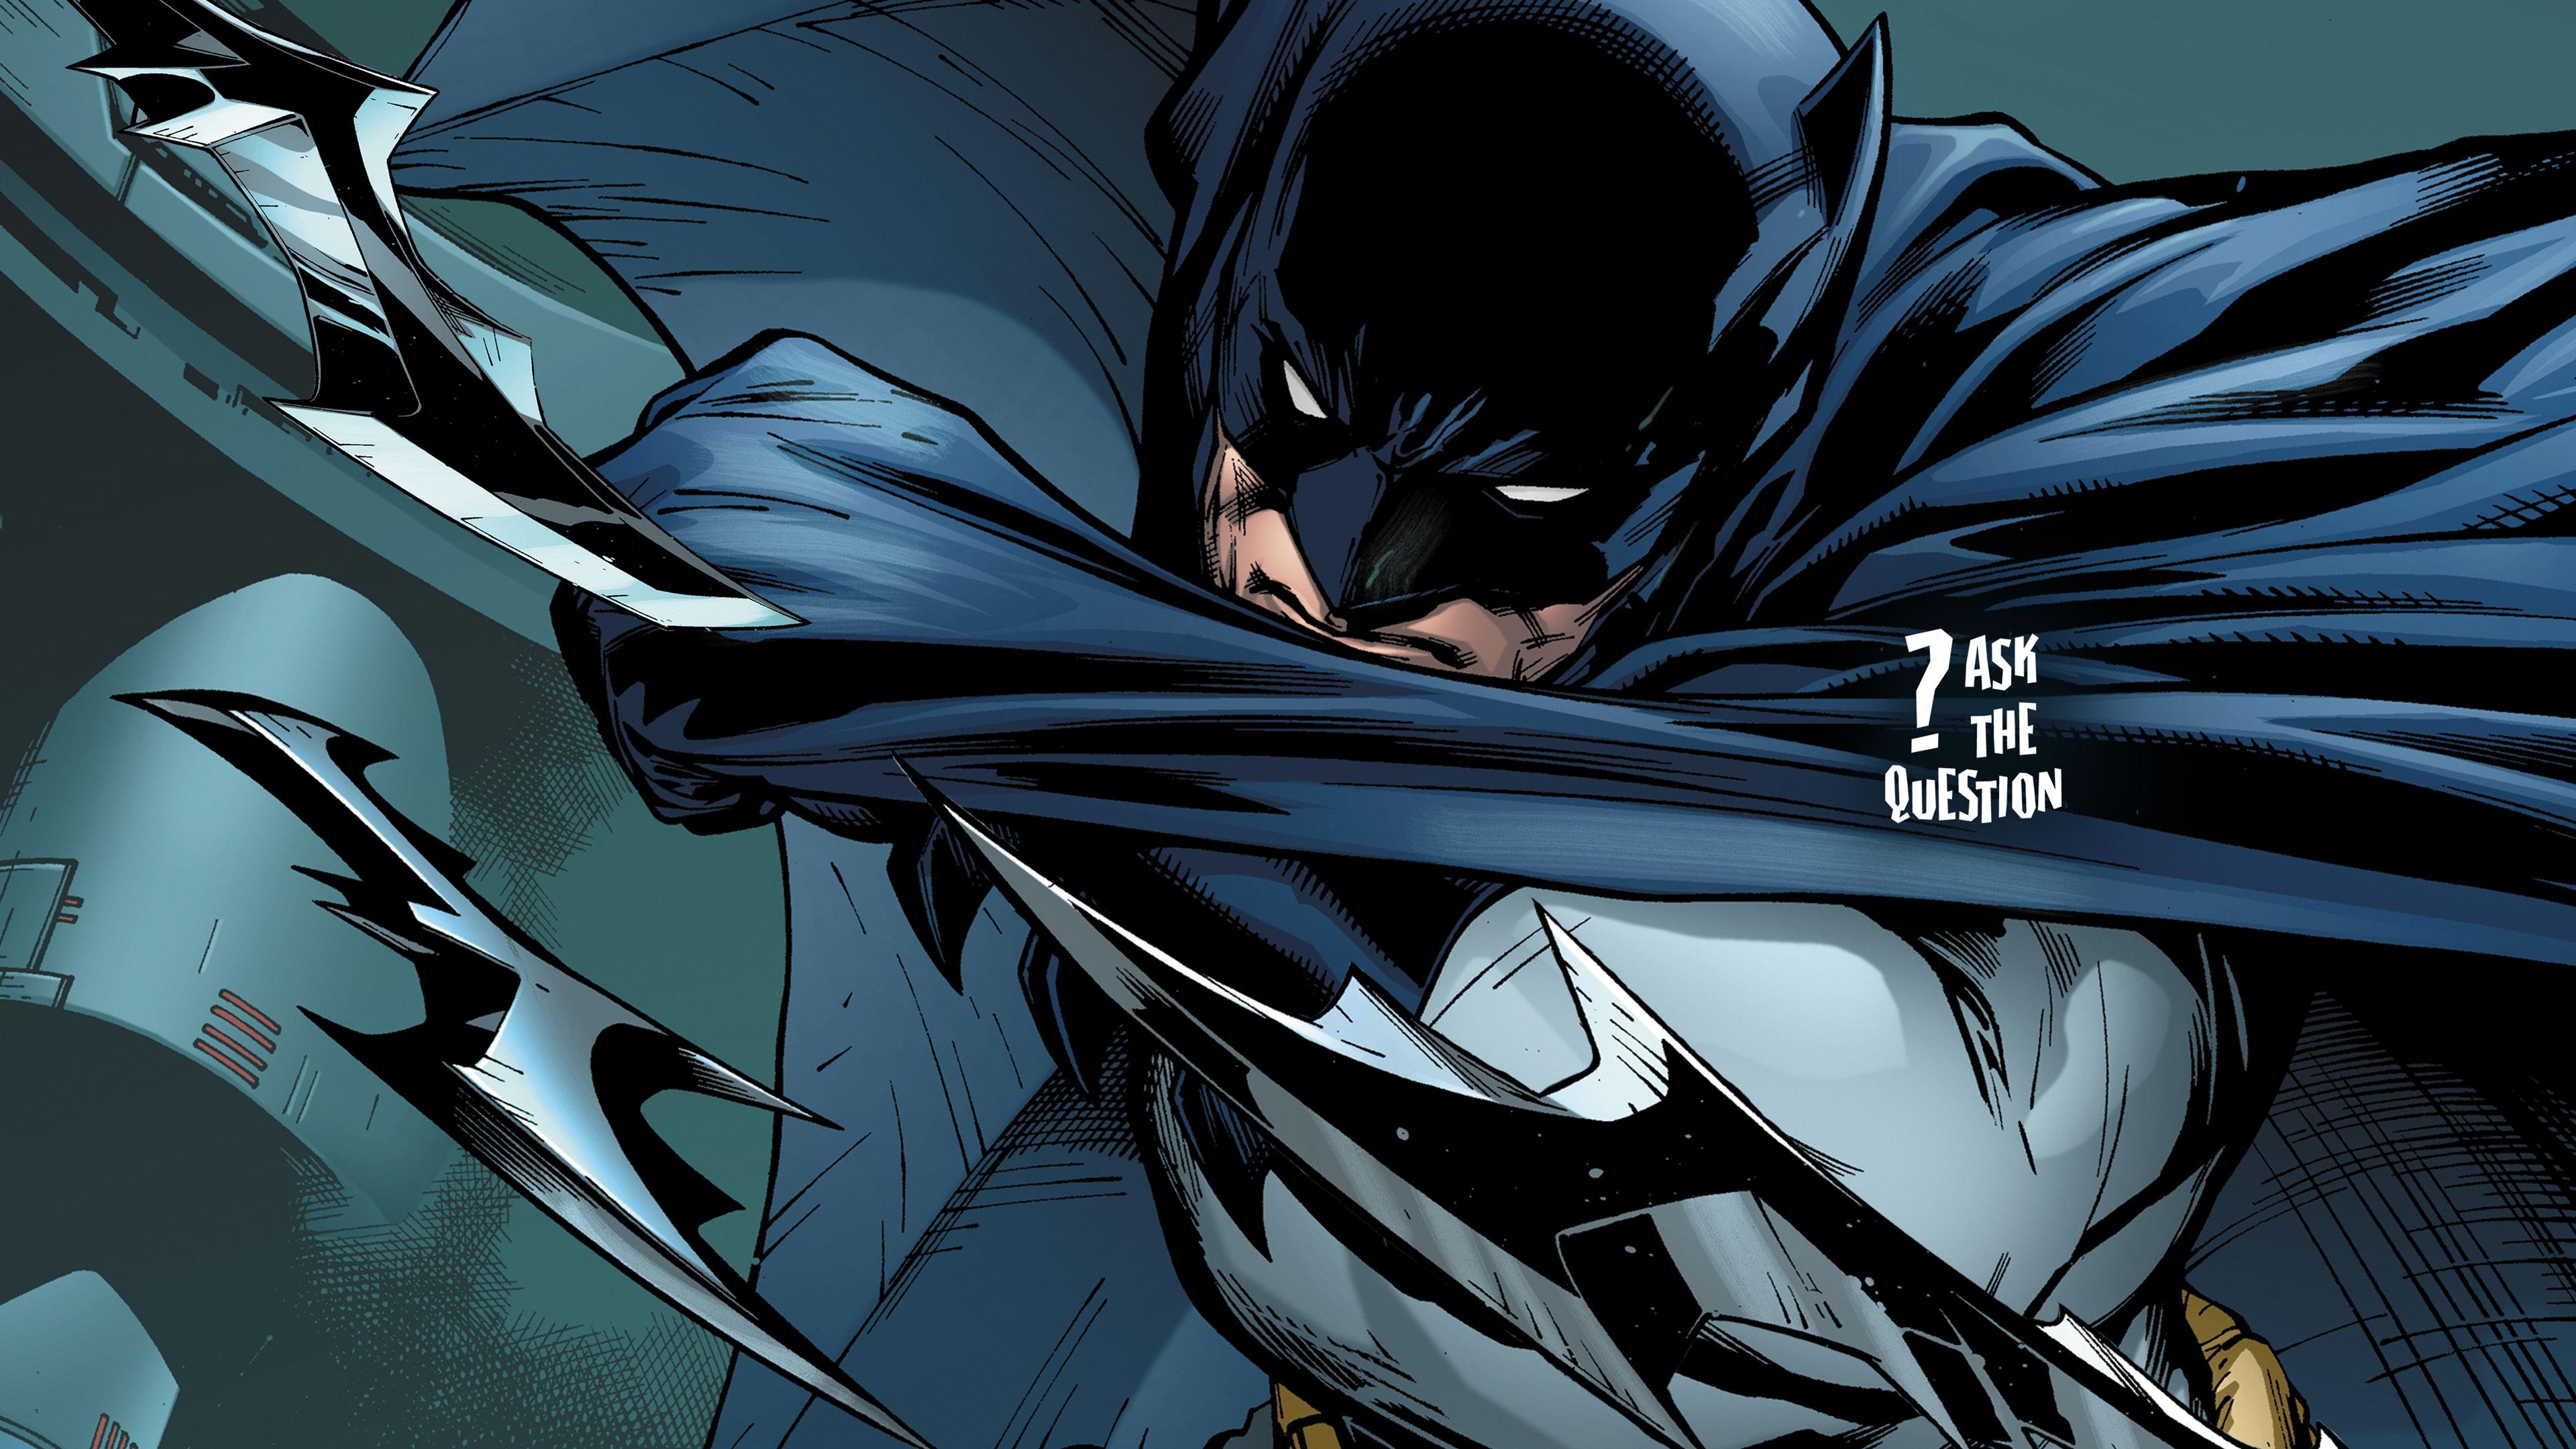 atq-batarangs-news-hero-190918-v1.jpg